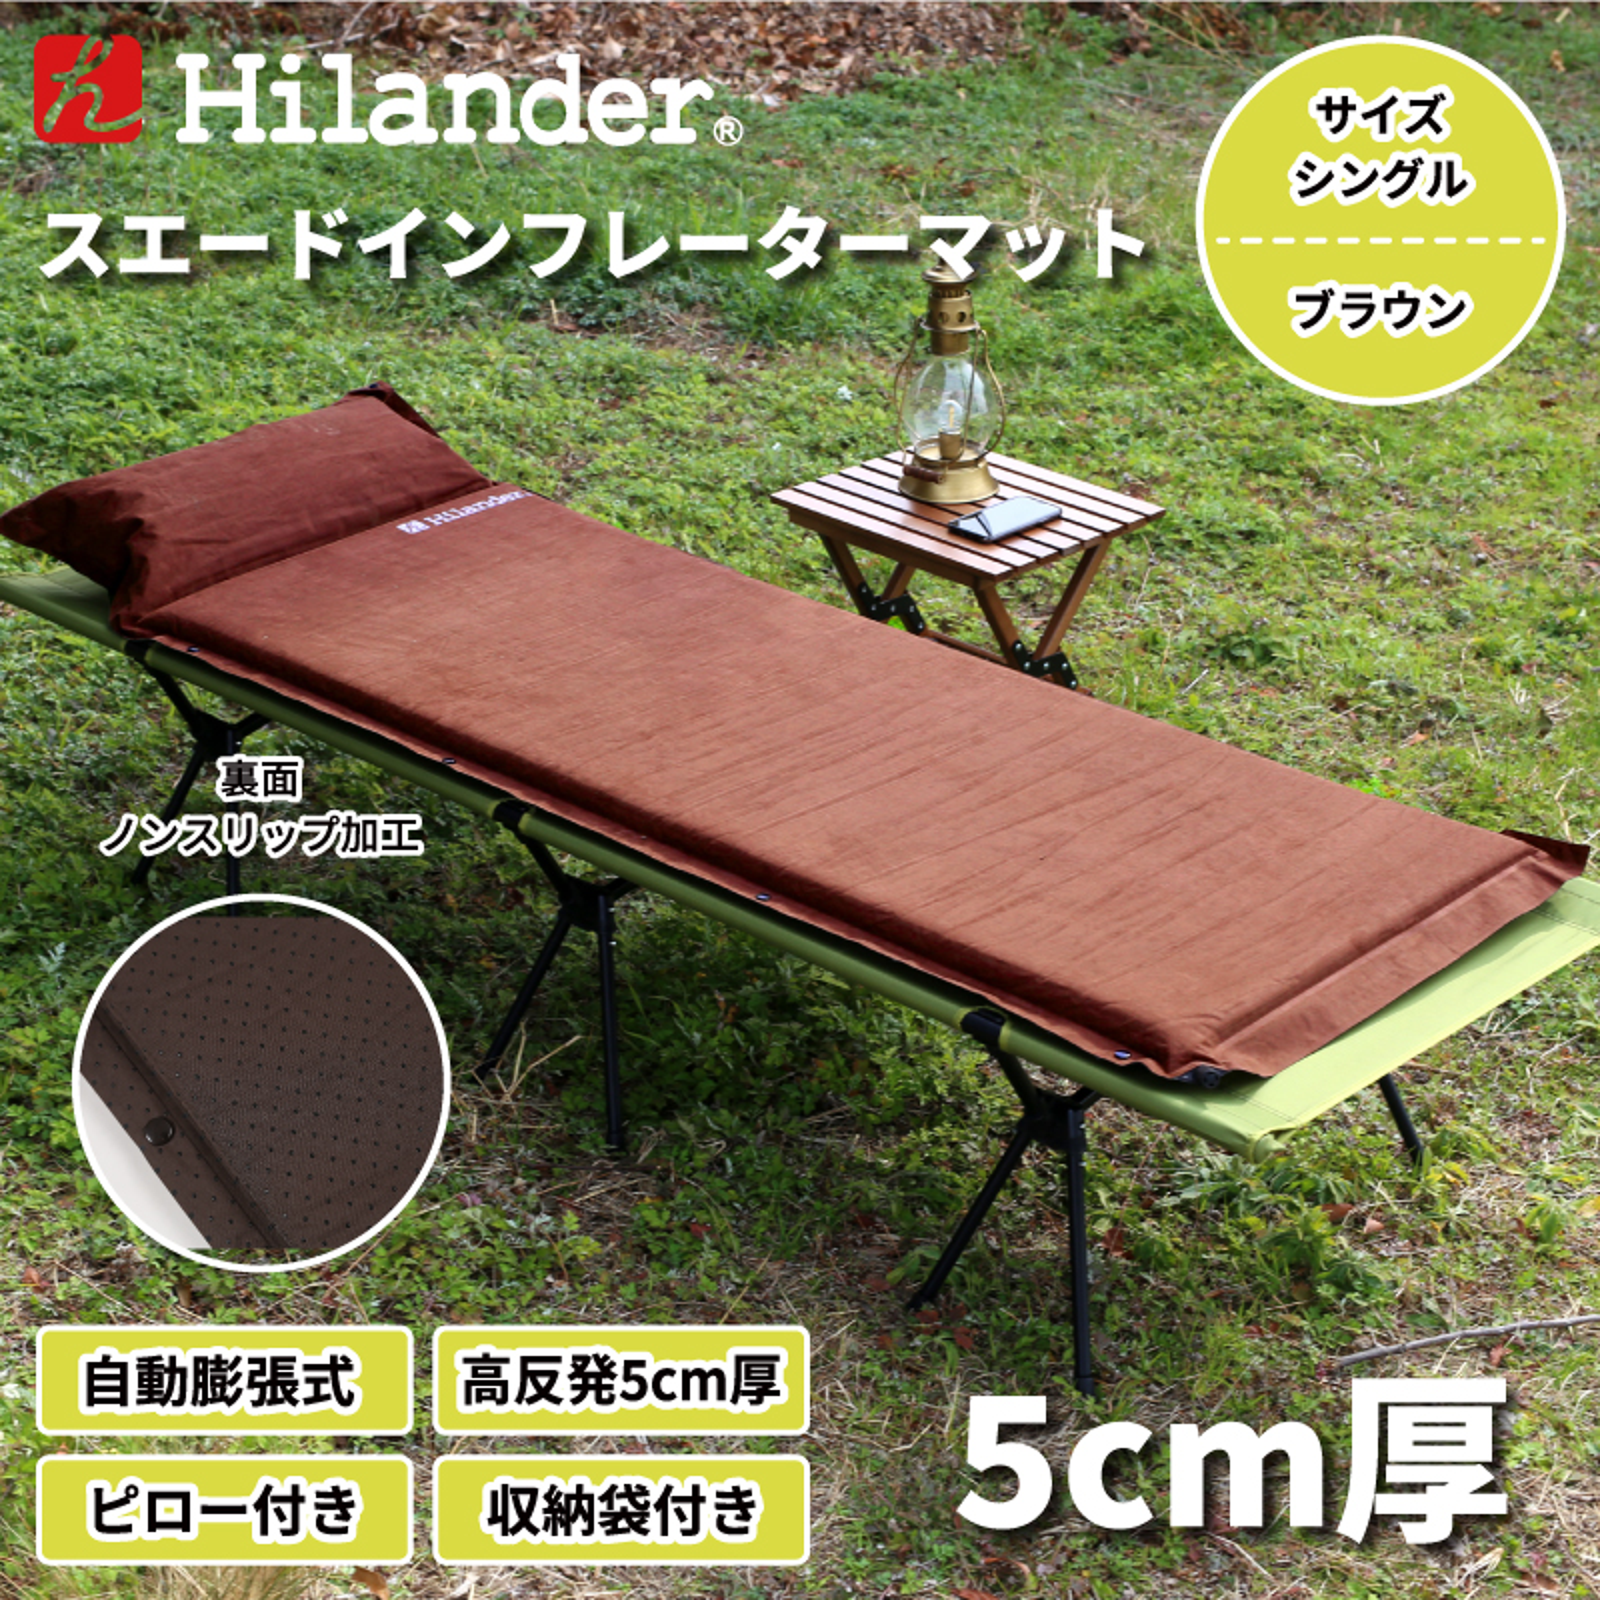 スエードインフレーターマット(枕付きタイプ) 5.0cm シングル ブラウン